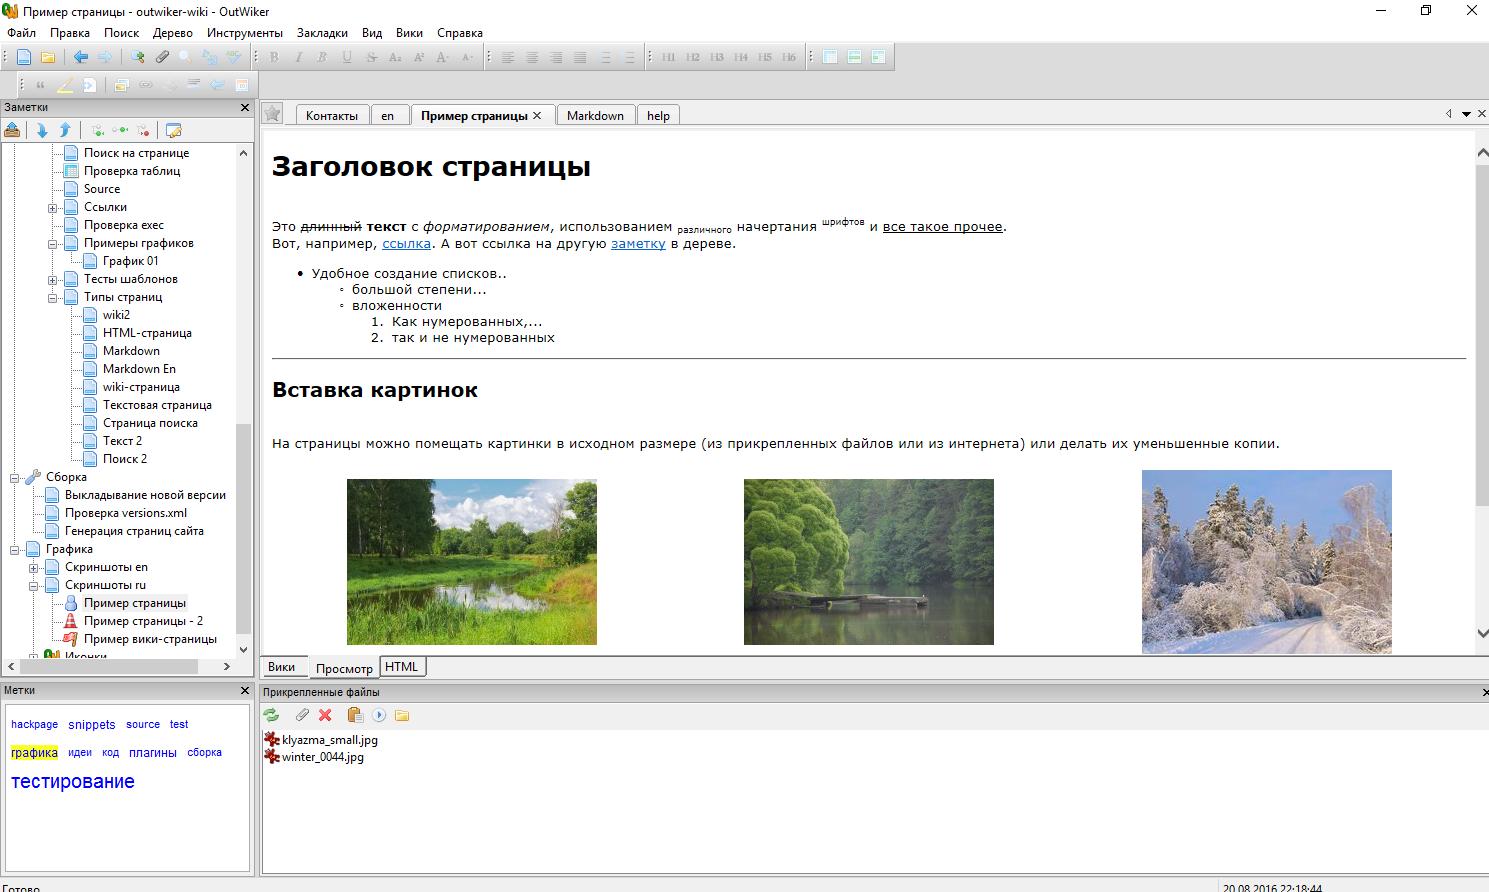 О разработке одного desktop-приложения на Python